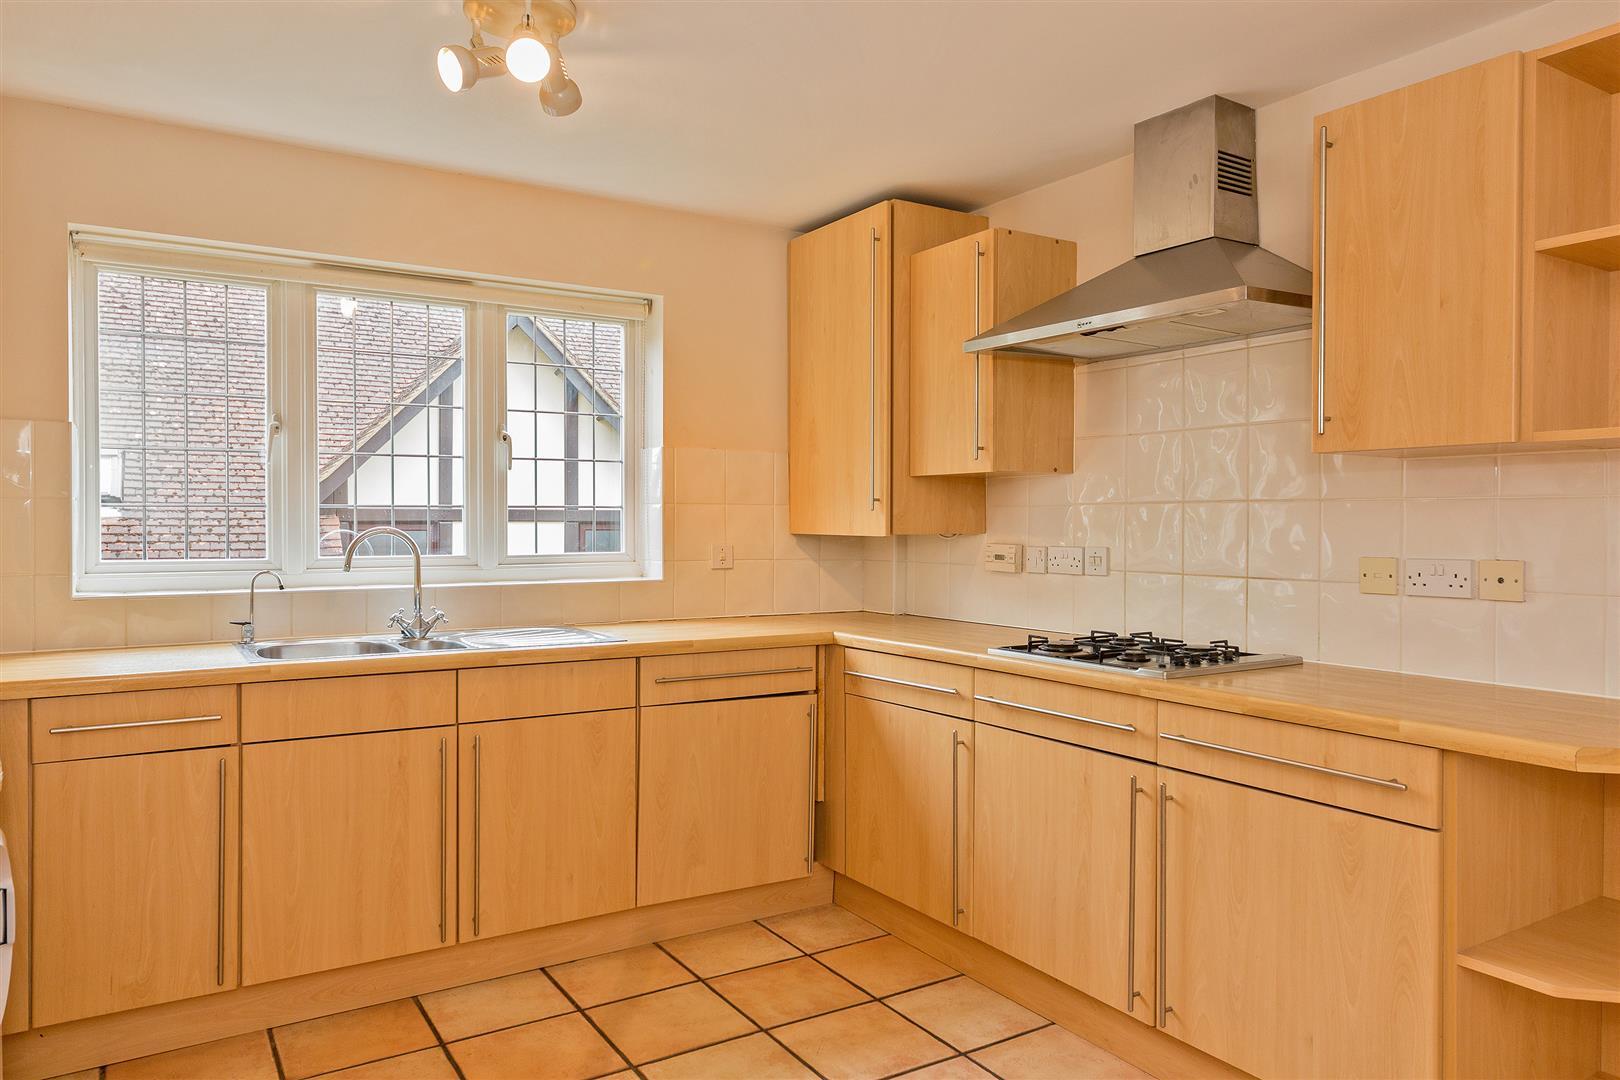 8 Marlborough House  (2) - kitchen 1.jpg